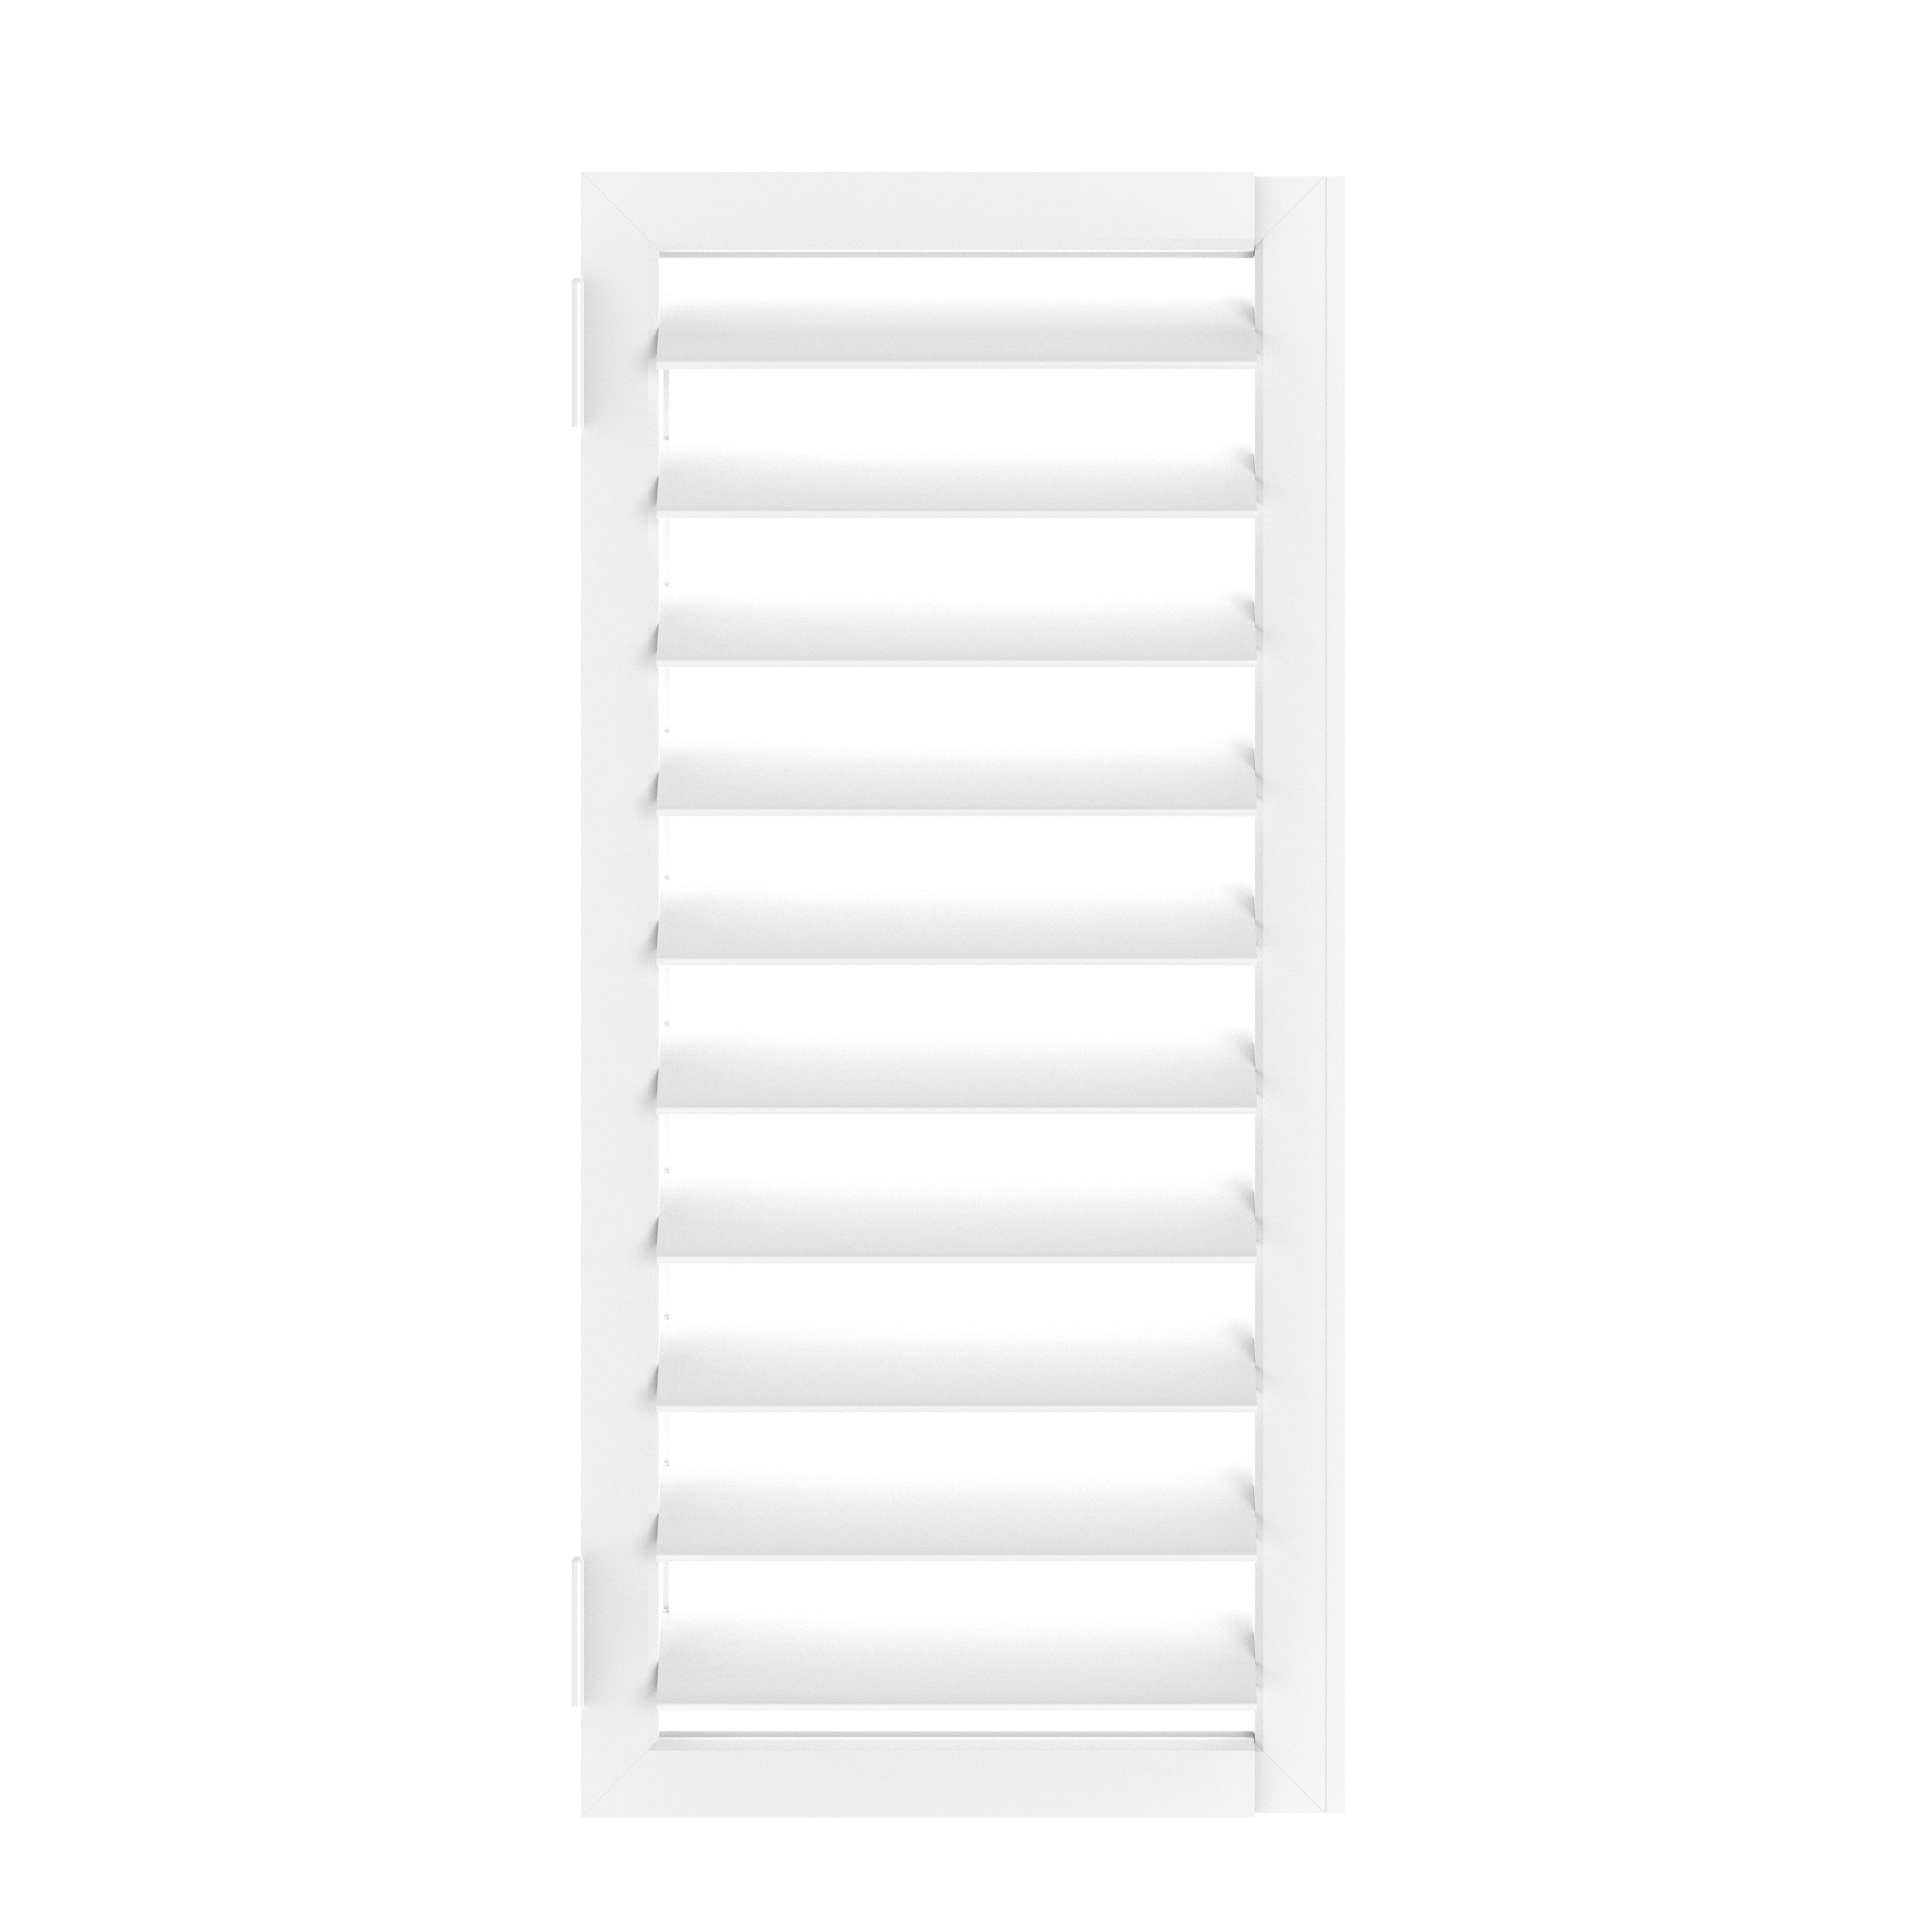 Self-adjusting plastic windows 23